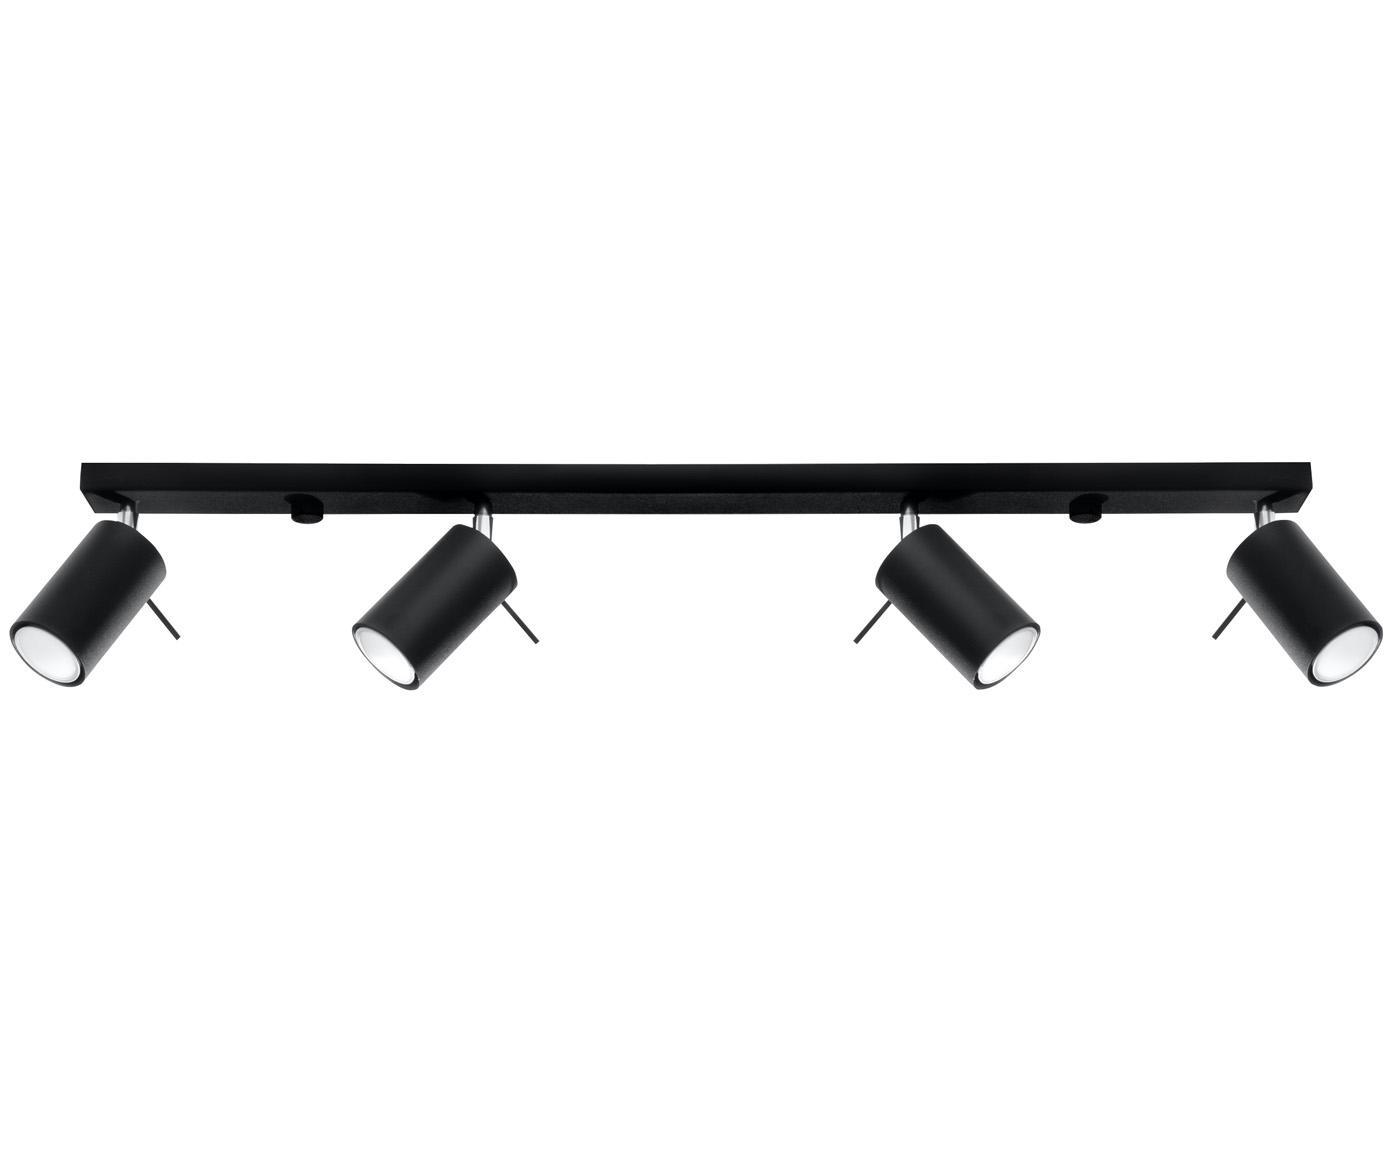 Große Deckenleuchte Etna, Lampenschirm: Stahl, beschichtet, Baldachin: Stahl, beschichtet, Schwarz, 81 x 16 cm